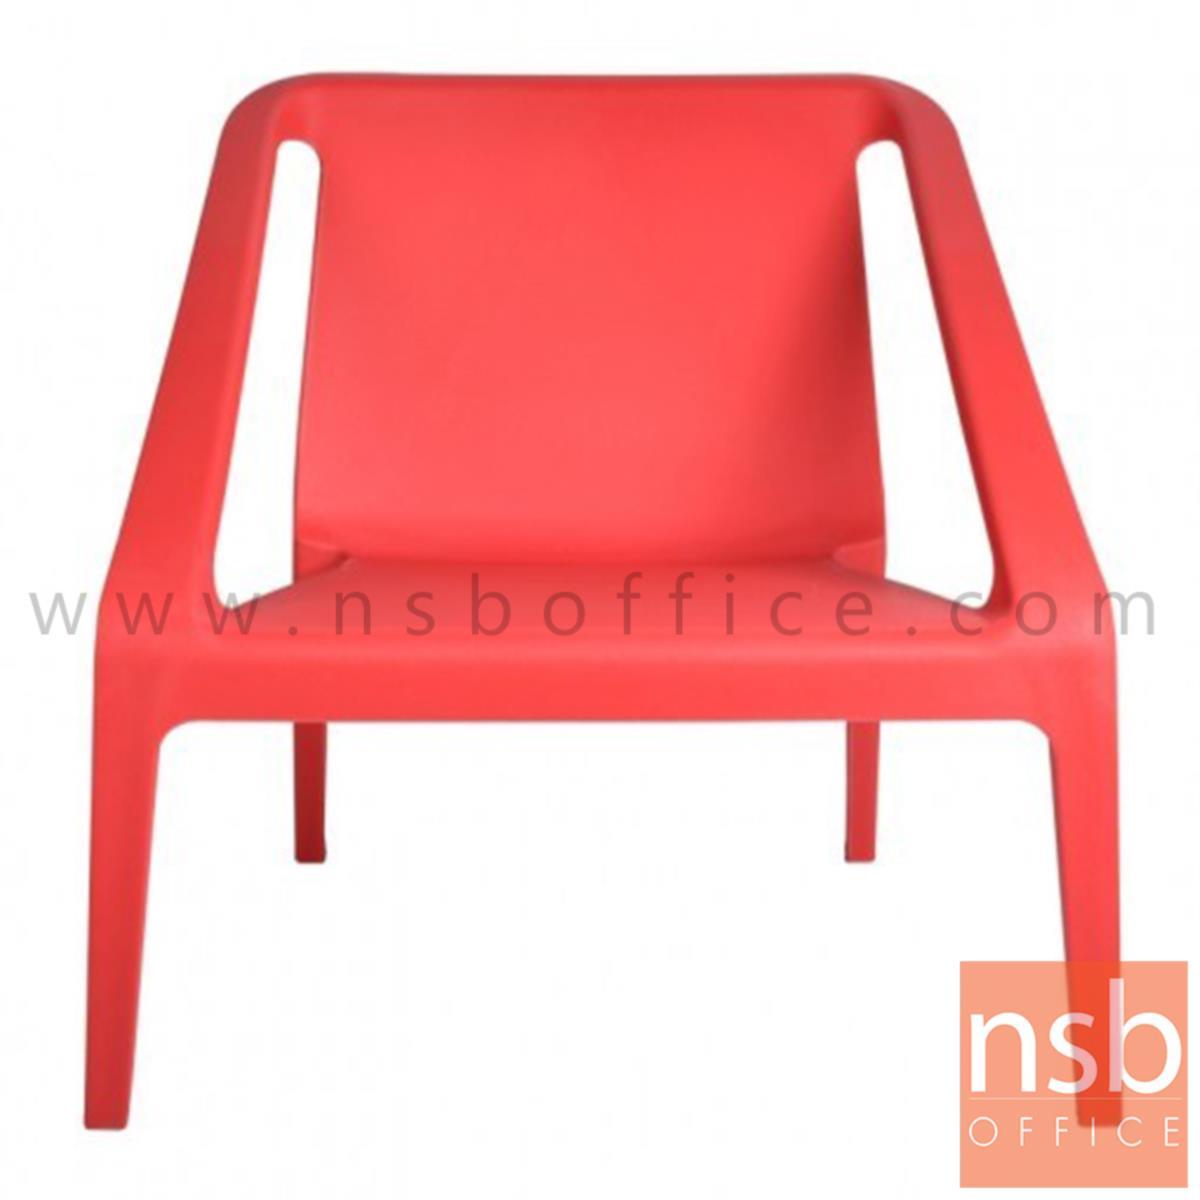 B29A053:เก้าอี้โมเดิร์นพลาสติก(PP)ล้วน รุ่น Palmer (พาร์มเมอร์) ขนาด 74W cm.